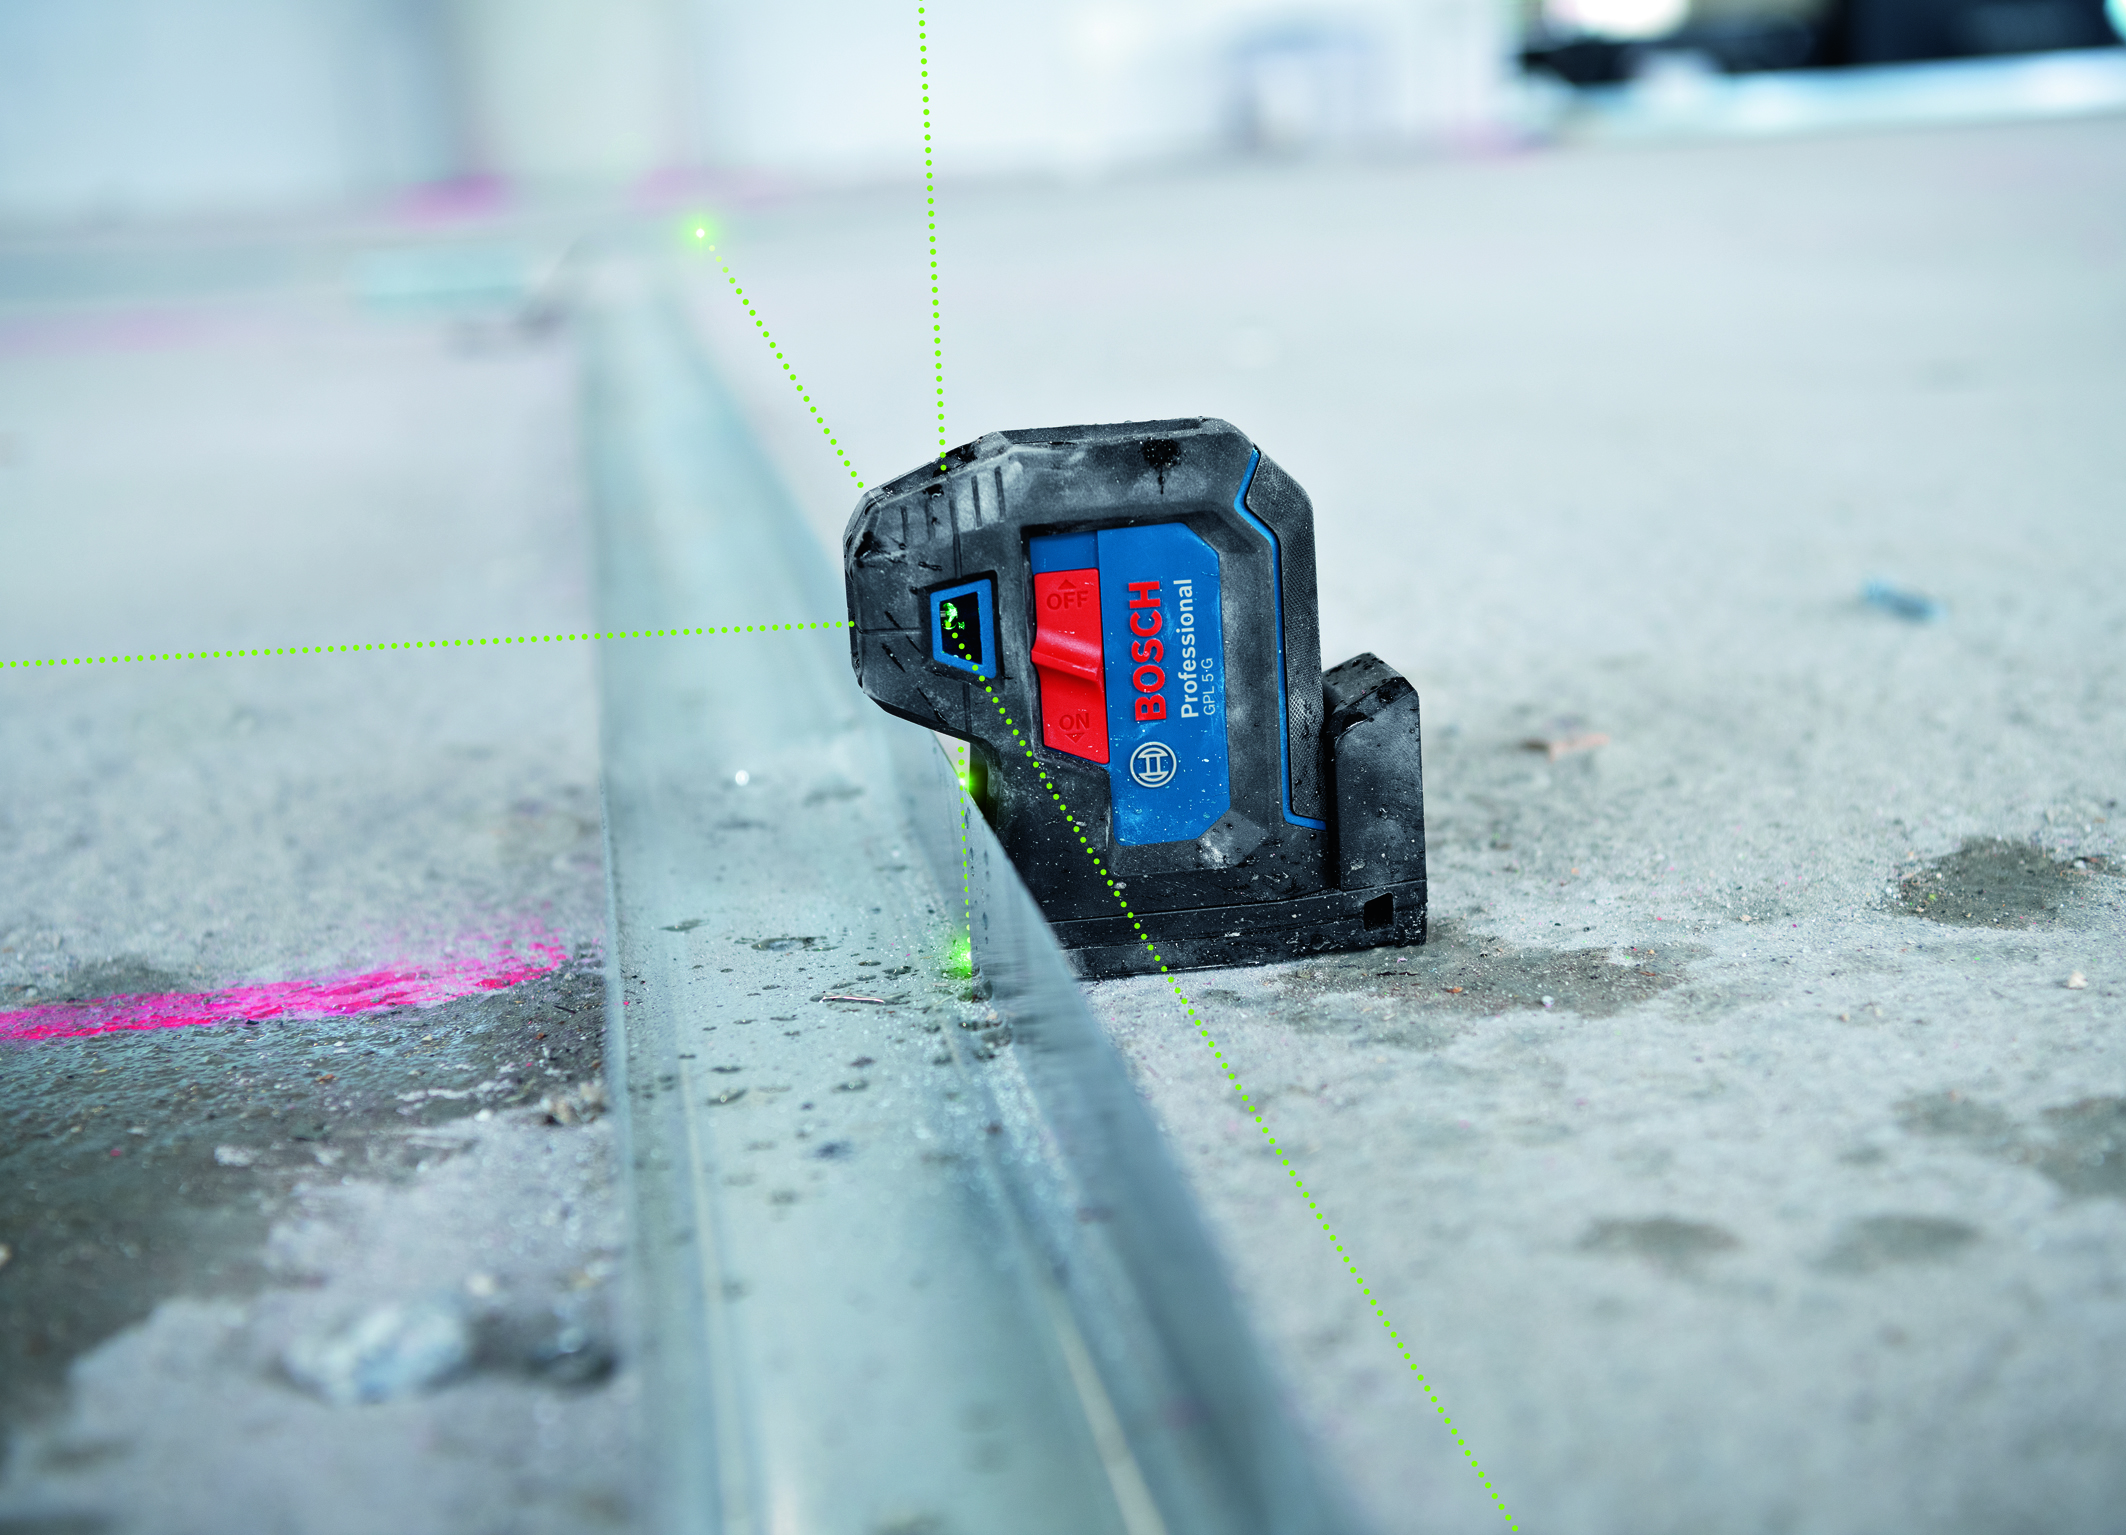 Jednoduchá manipulácia vďaka integrovanému otočnému držiaku: Nová generácia bodových laserov Bosch pre profesionálov